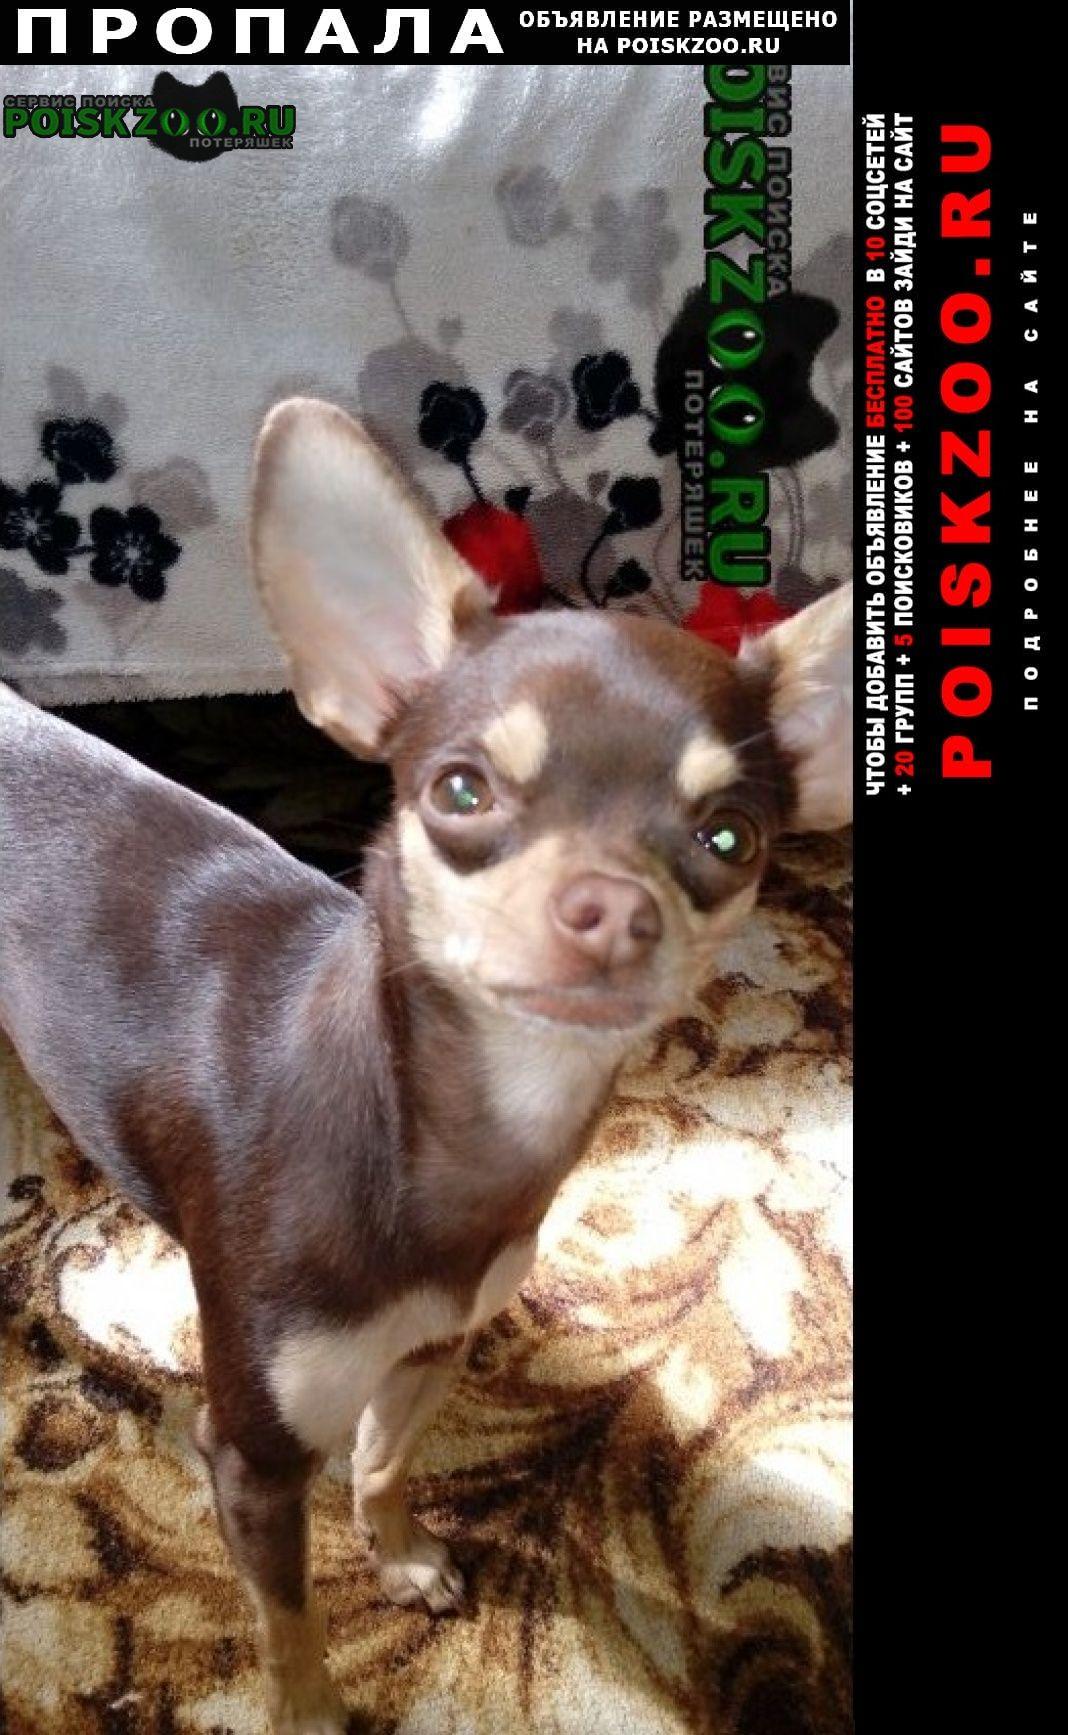 Пропала собака потерялась тойчик шоколадного цвета г.Краснодар